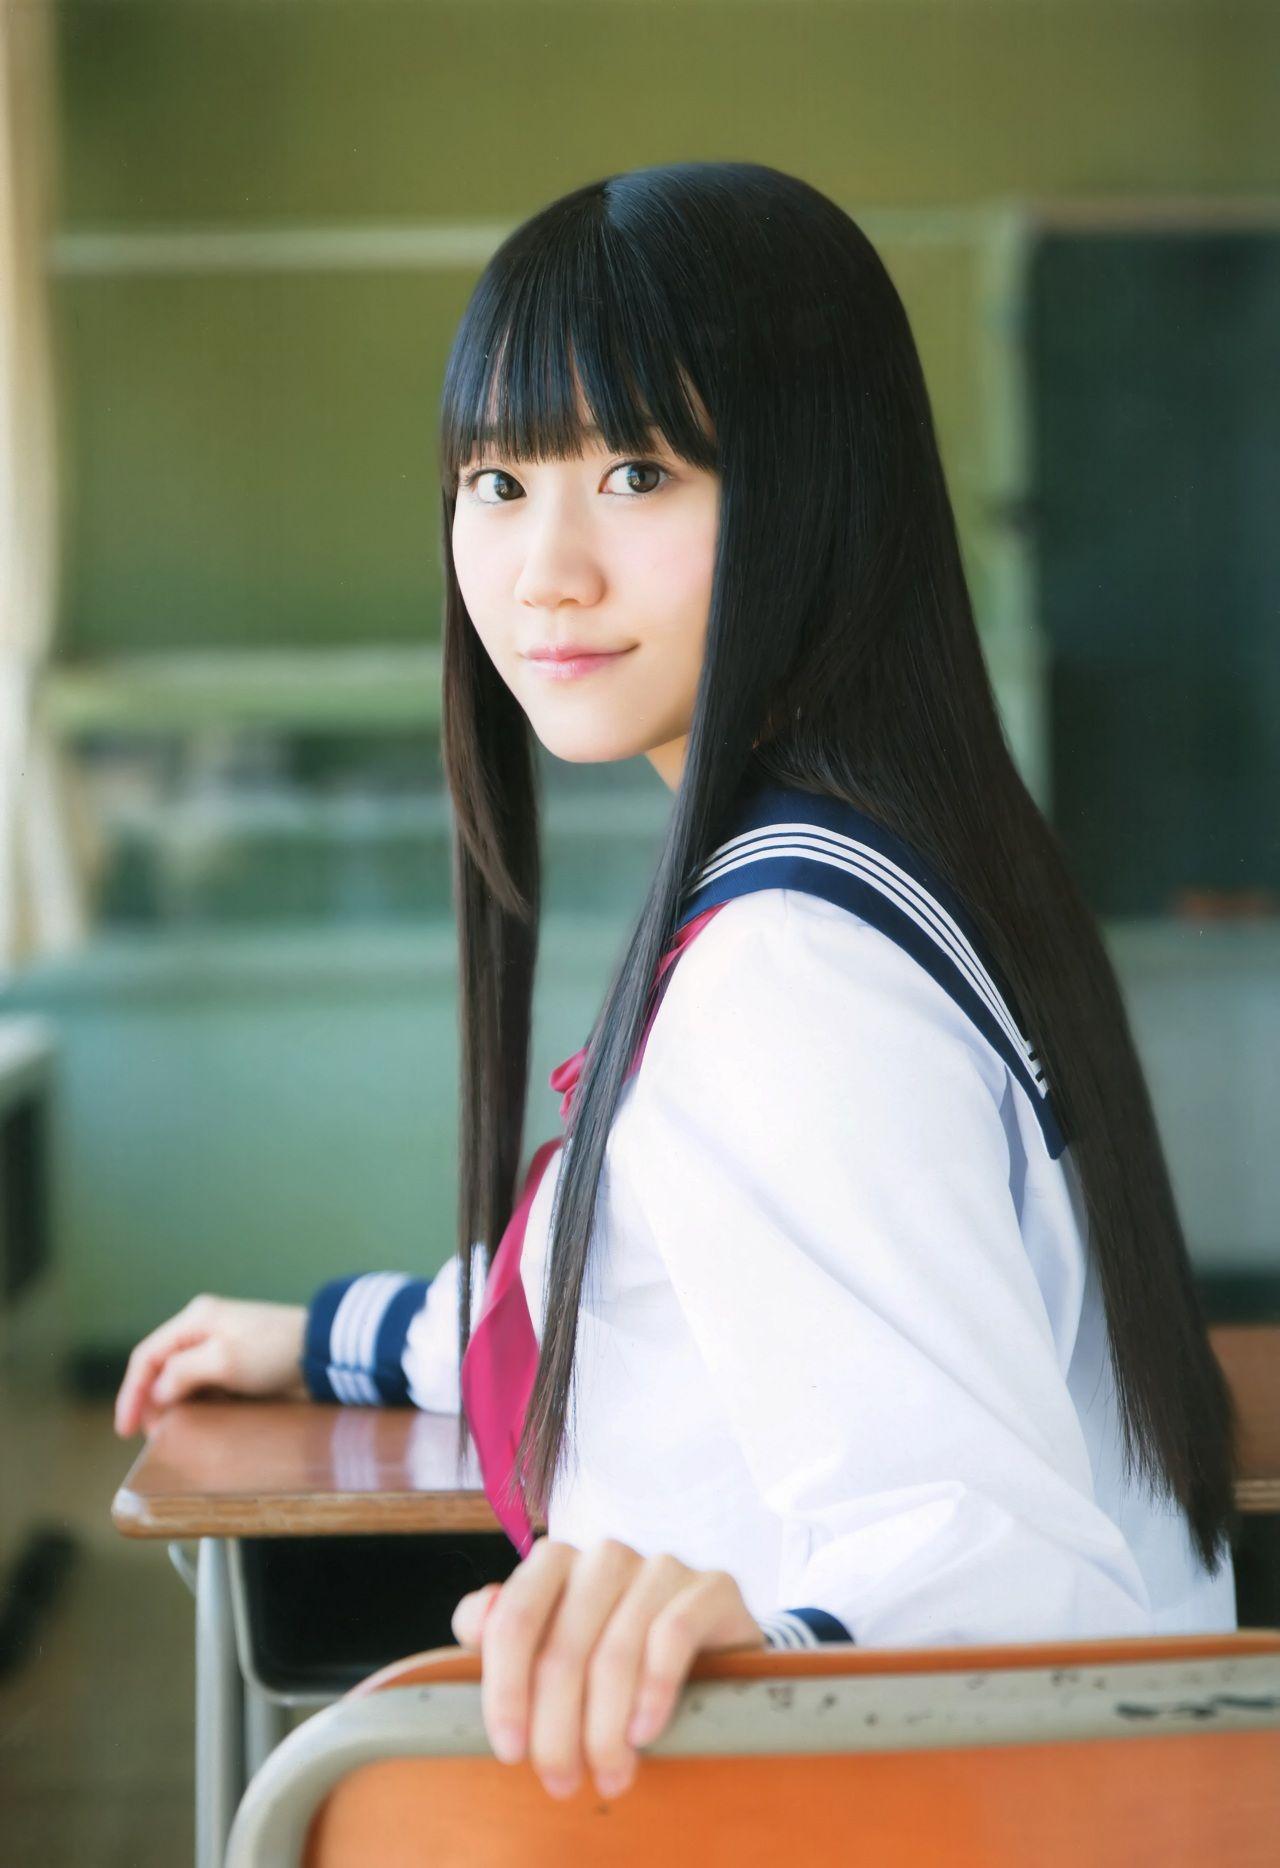 小倉唯さんの画像その48